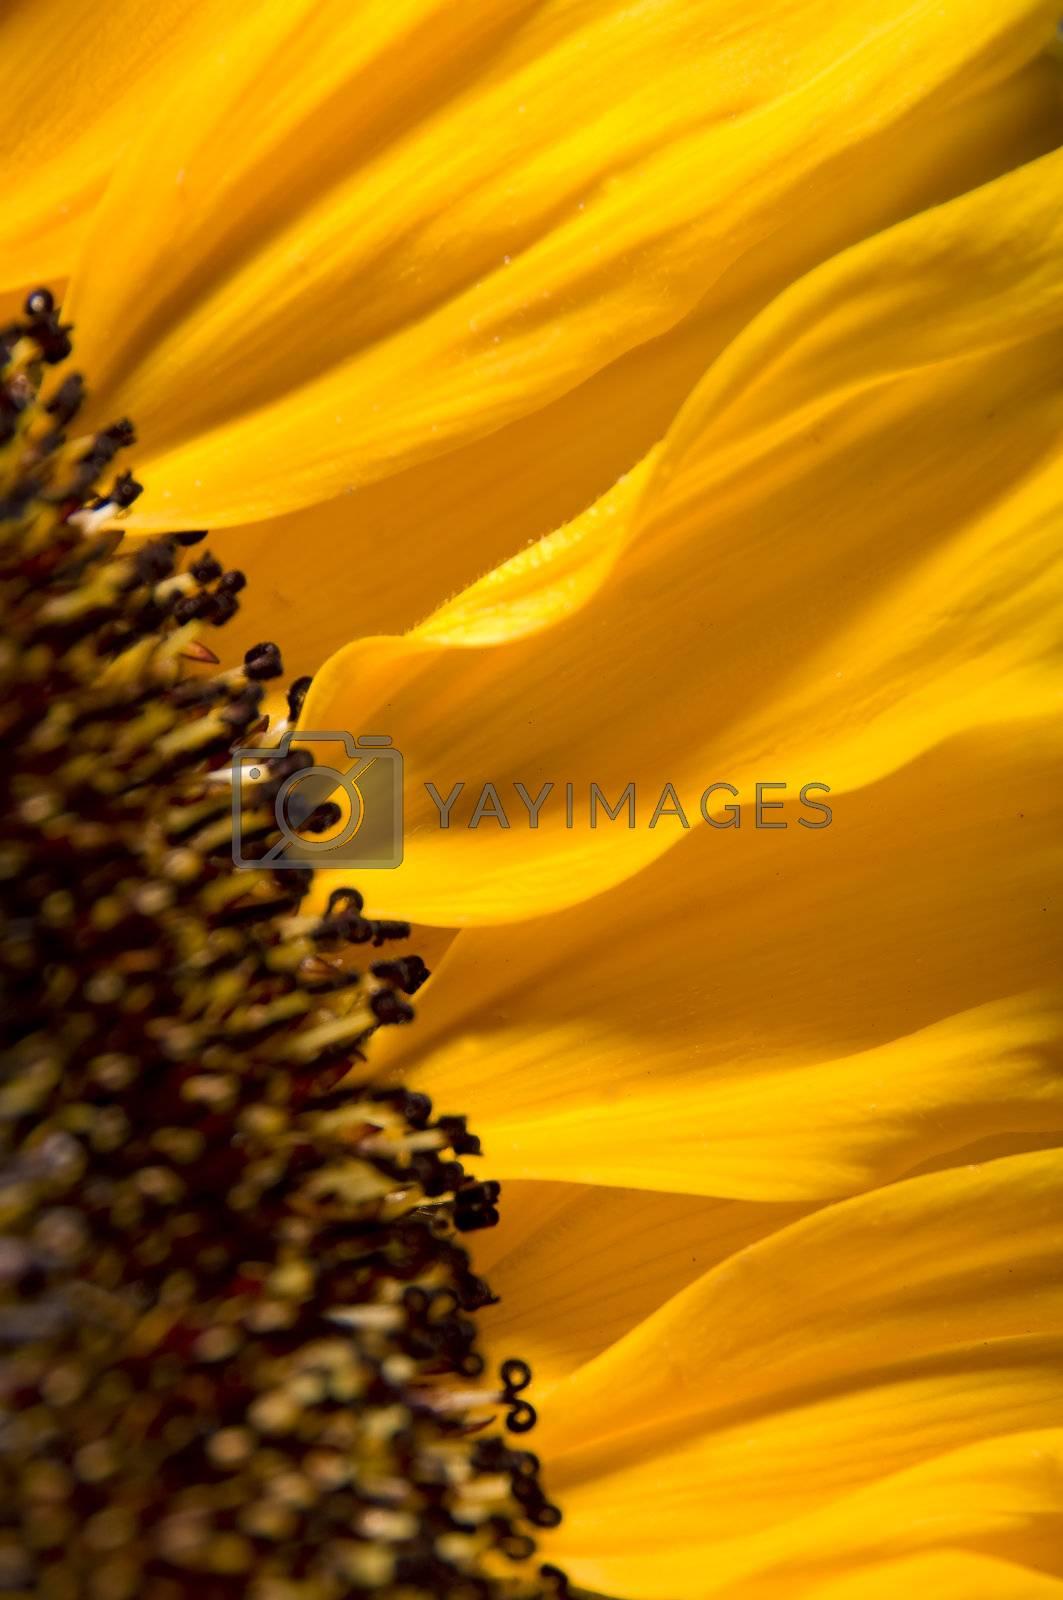 Sunflower by aaron_stein